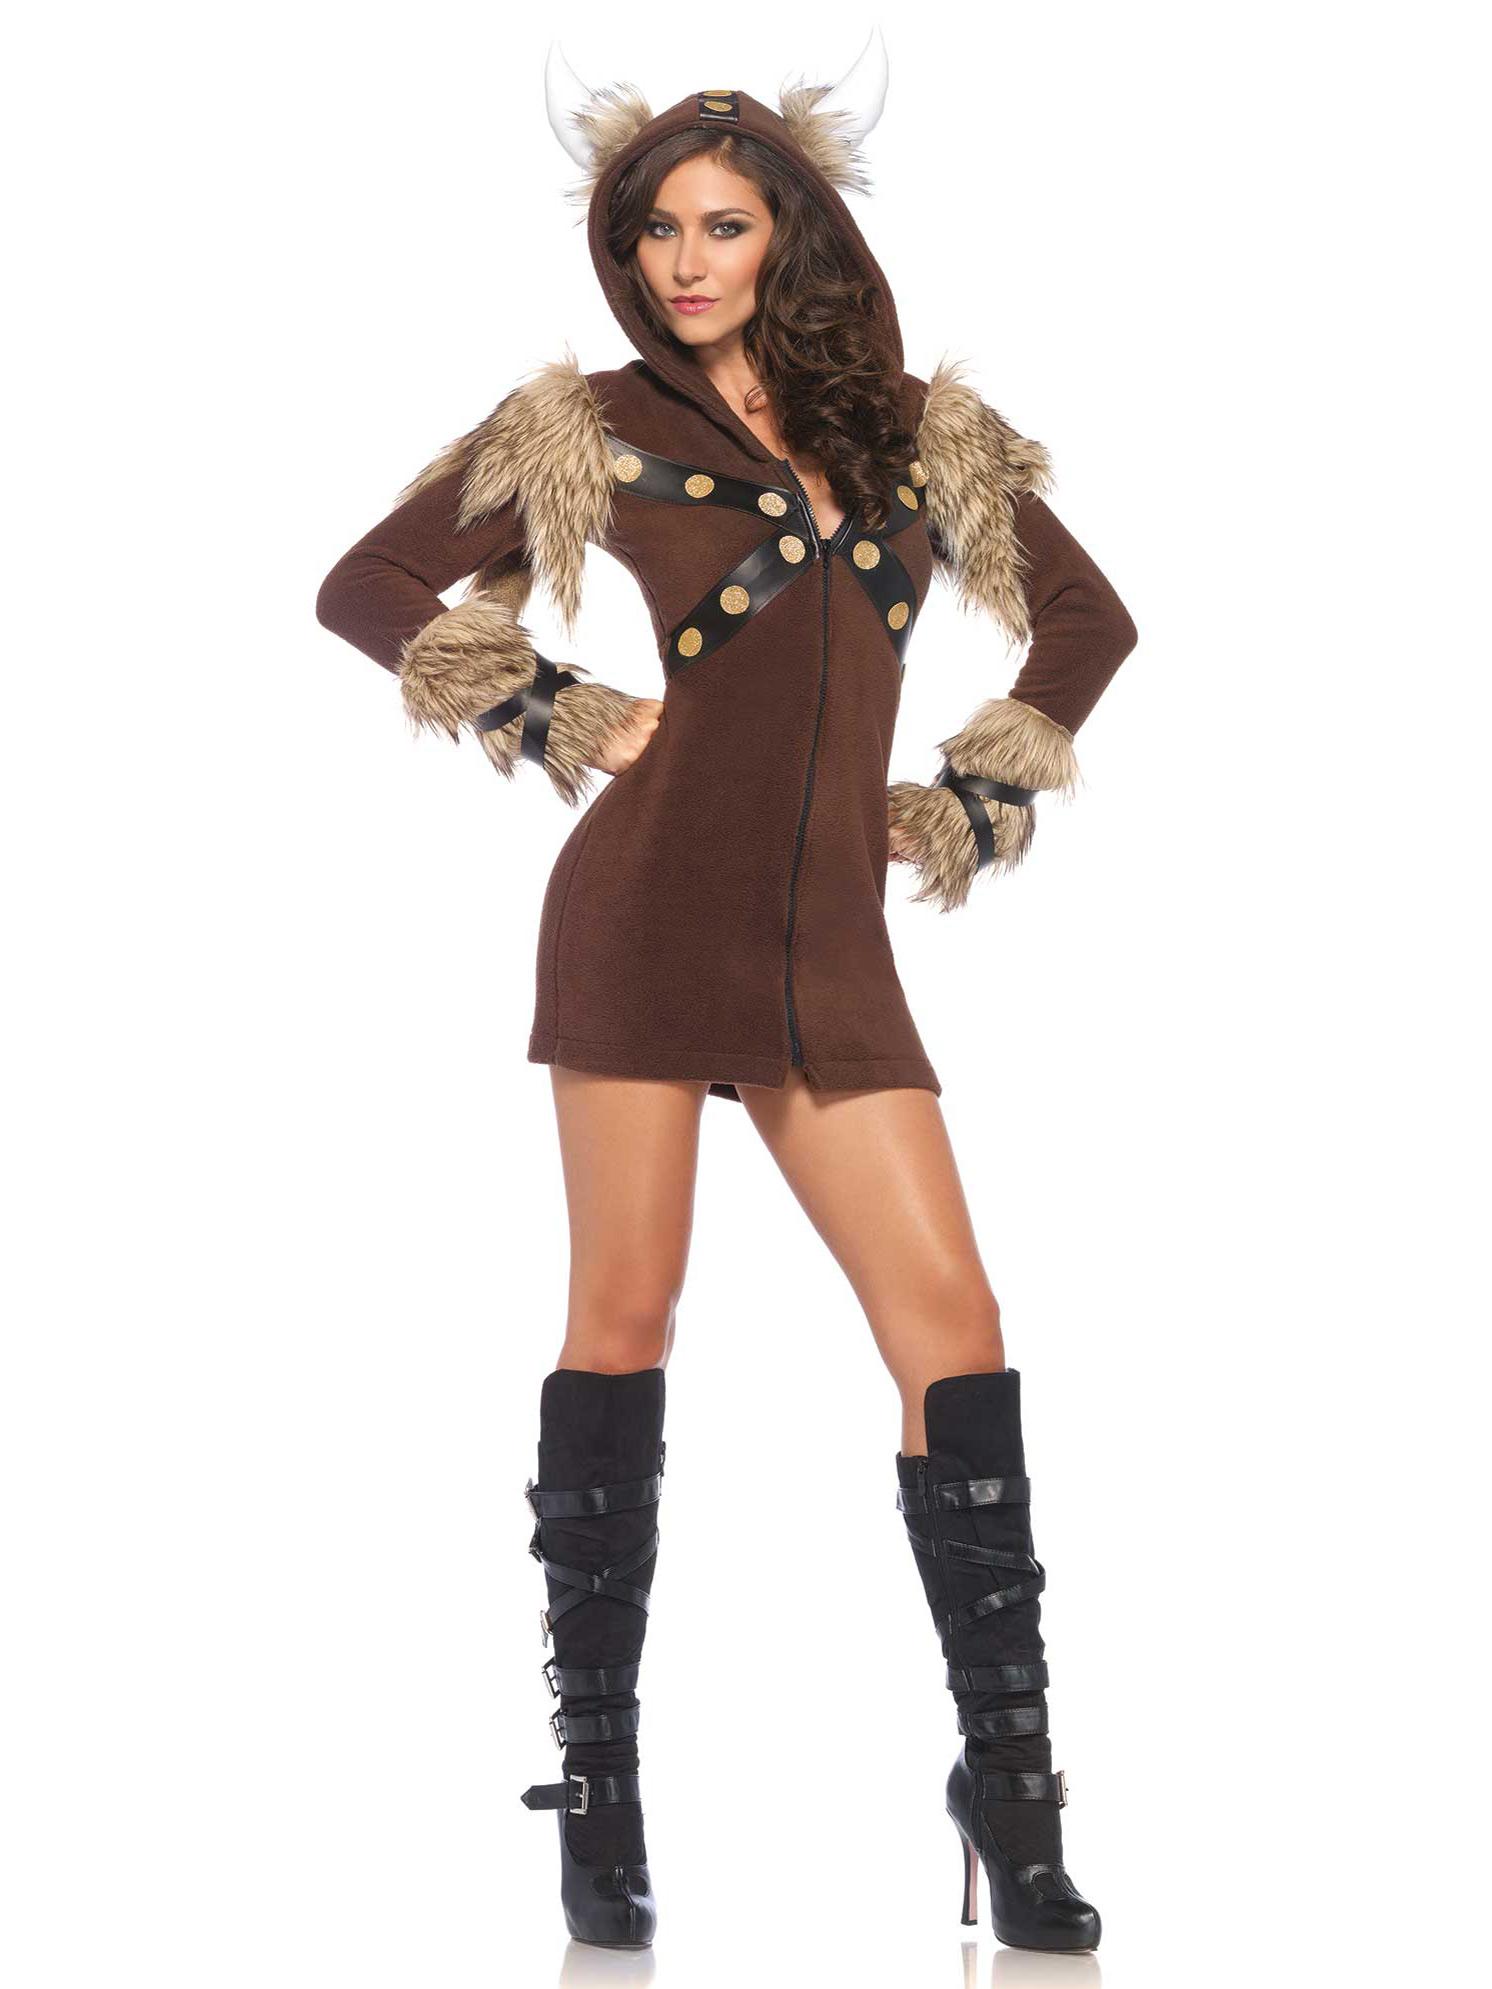 Disfraz vikingo mujer disfraces adultos y disfraces for Disfraces baratos